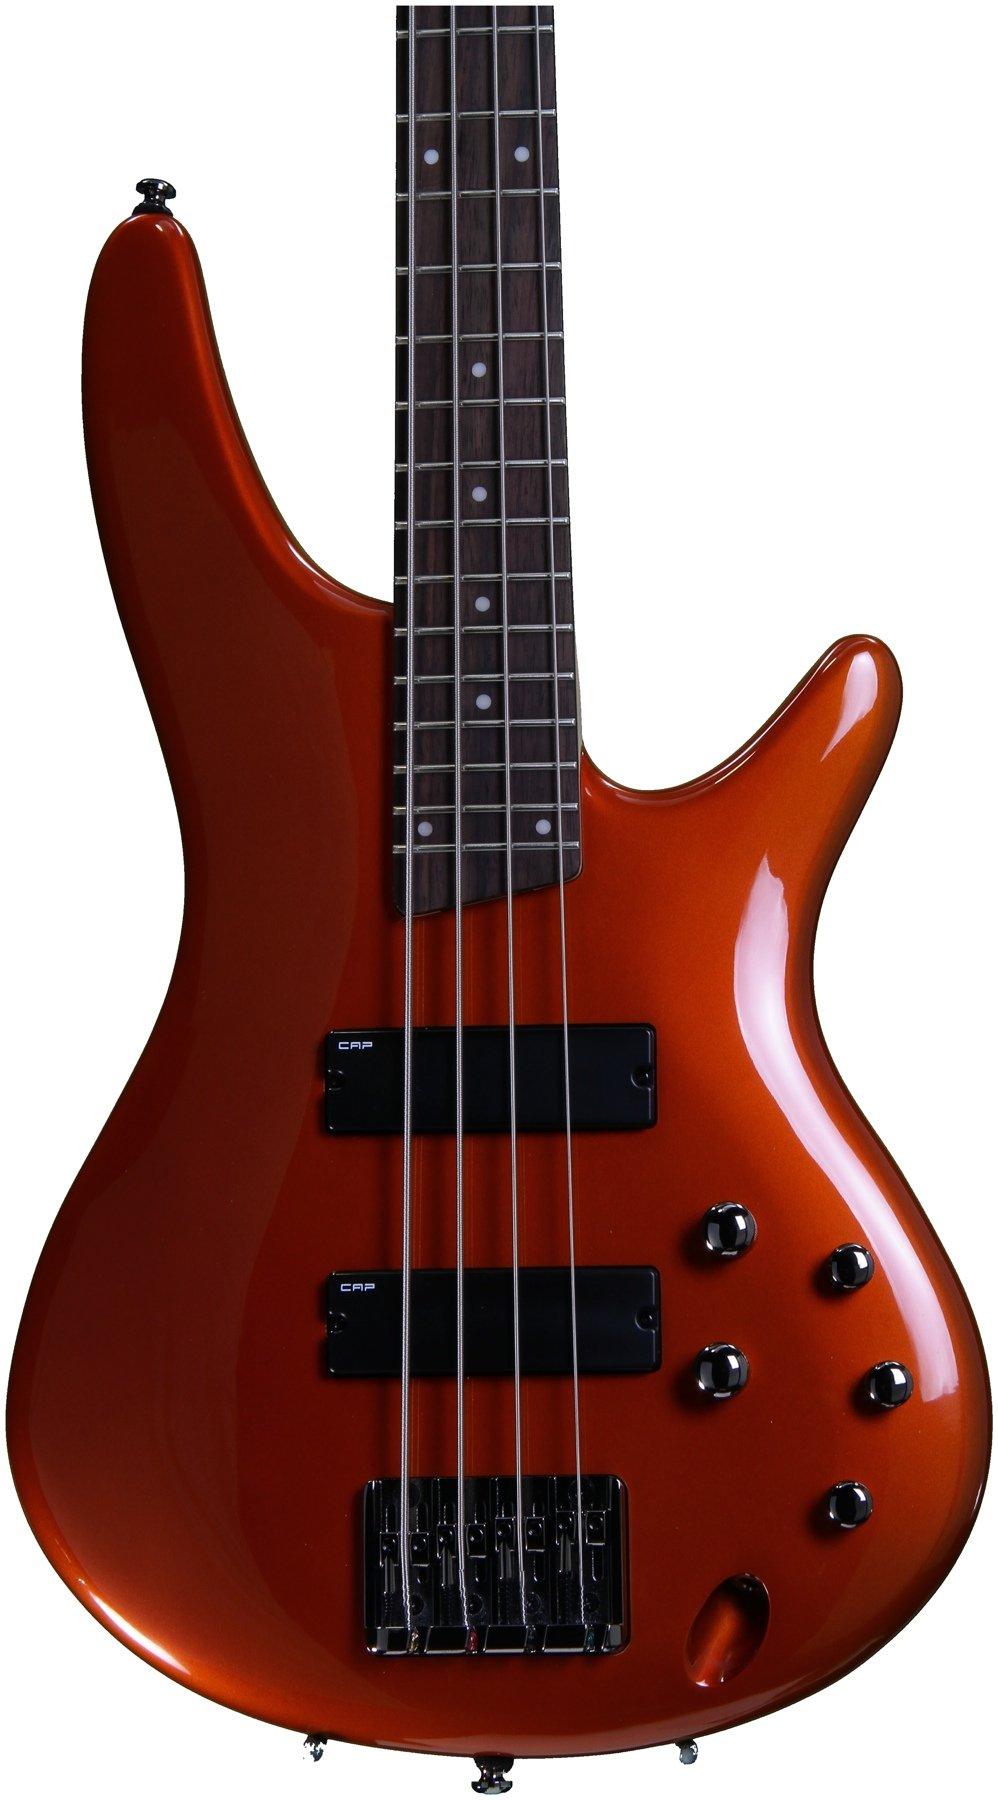 Nett Ibanez Sr300 Bassgitarre Schaltplan Galerie - Elektrische ...